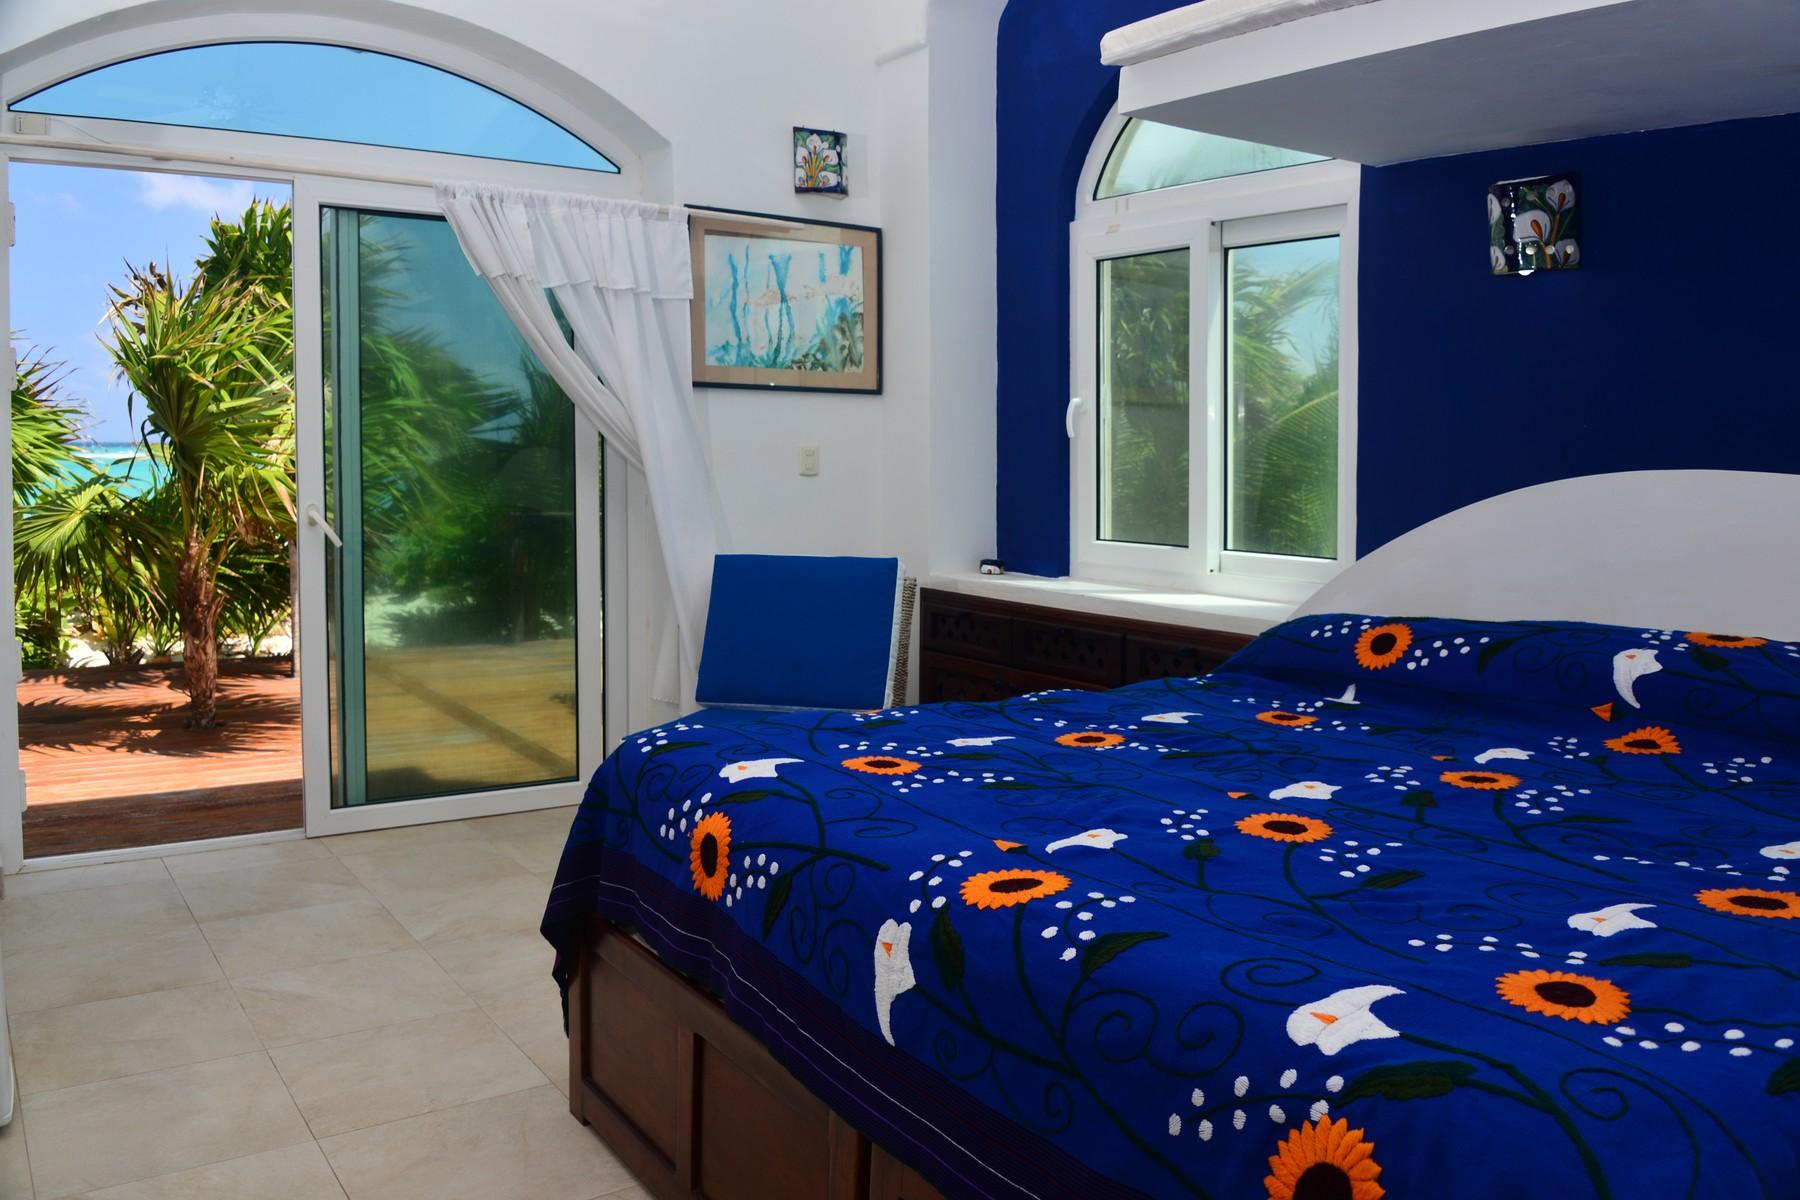 Additional photo for property listing at VILLA DESTINY BEACHFRONT HOME Beachfront Home Camino Tulum-Boca Paila Tulum, Quintana Roo 77087 Mexico